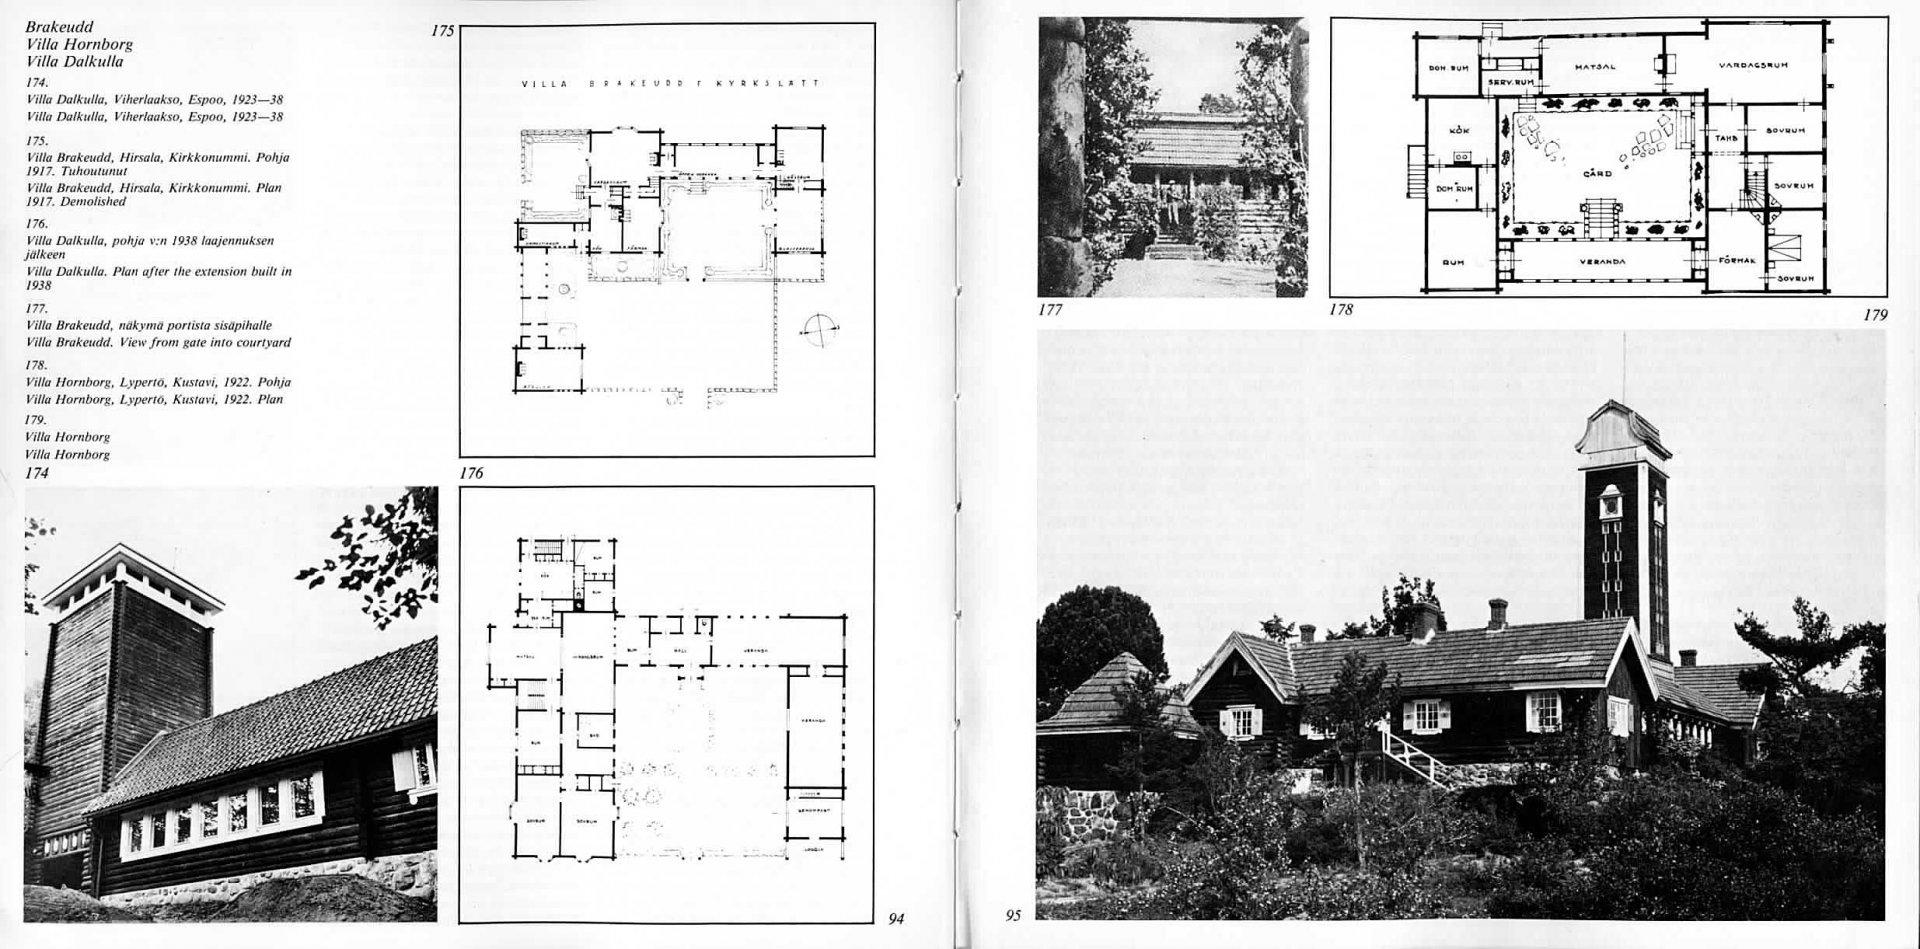 Lars-Sonck-Suomen-rakennustaiteen-museo-s-94-95.jpg